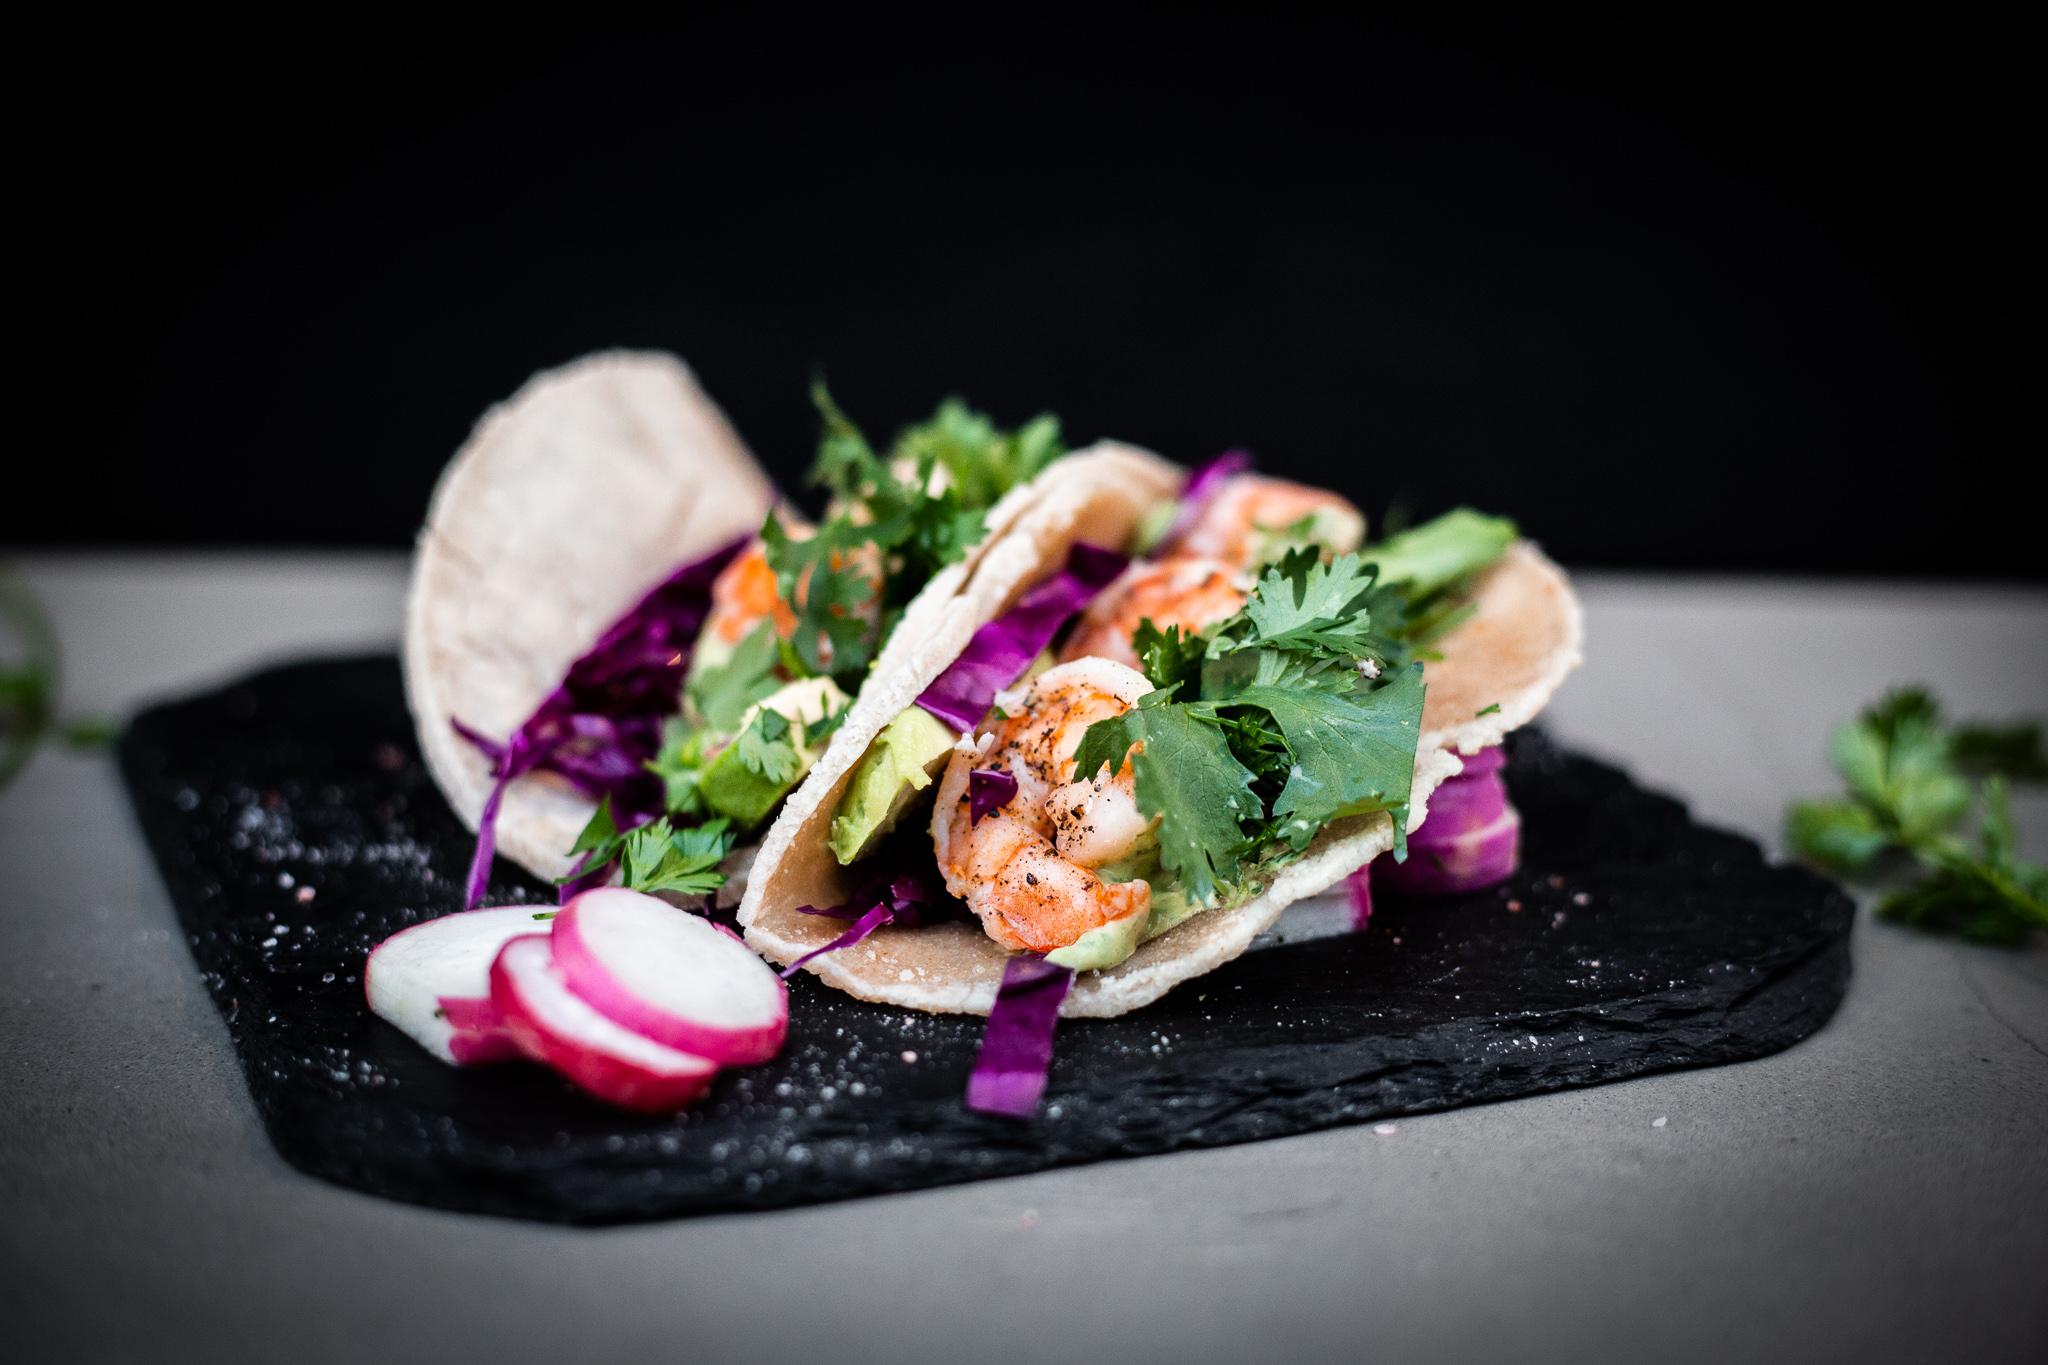 Shrimp Tacos with Creamy Avocado Sauce; Cassava Tortillas